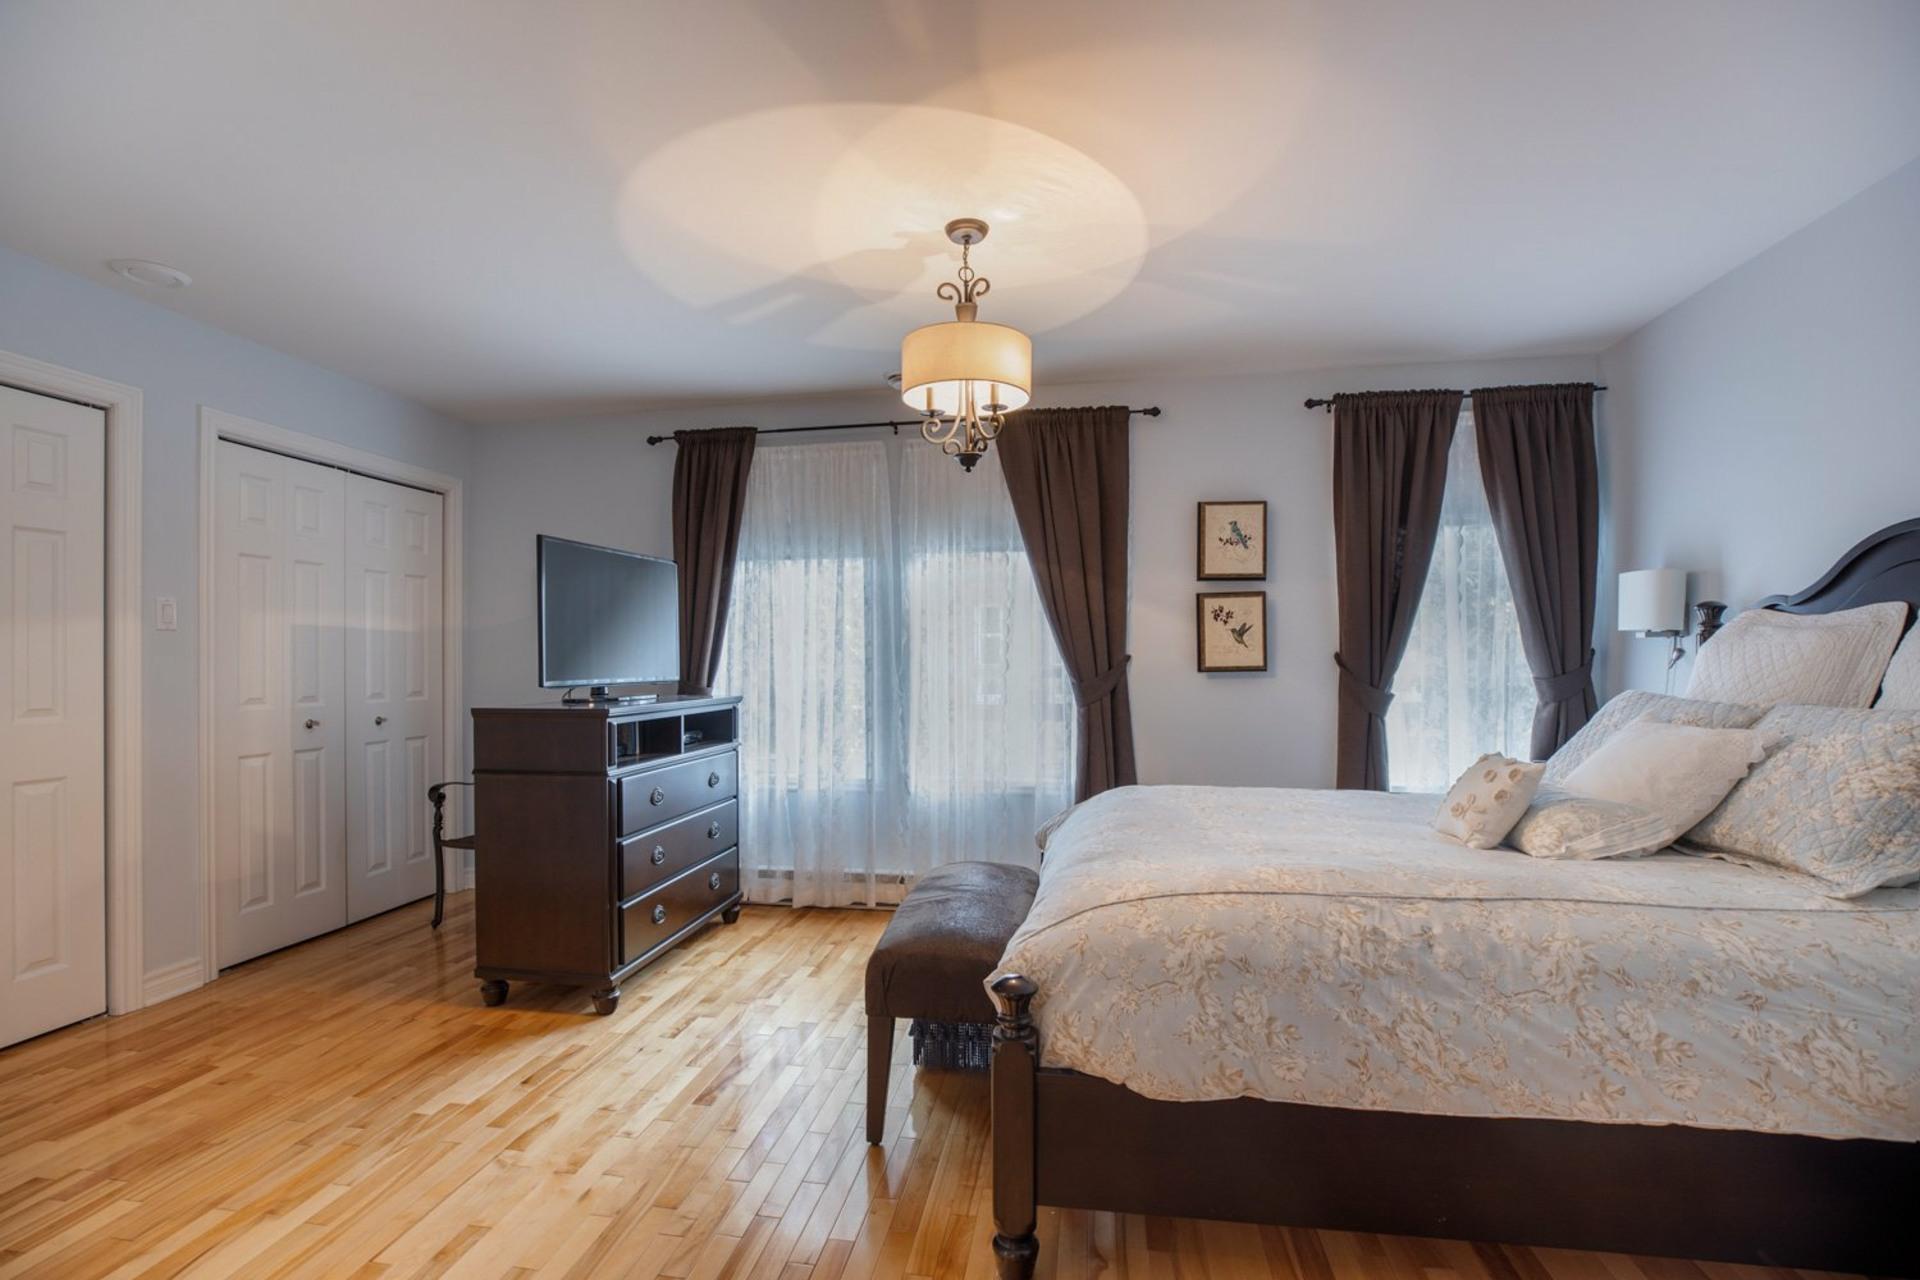 image 12 - Maison À vendre Ahuntsic-Cartierville Montréal  - 8 pièces